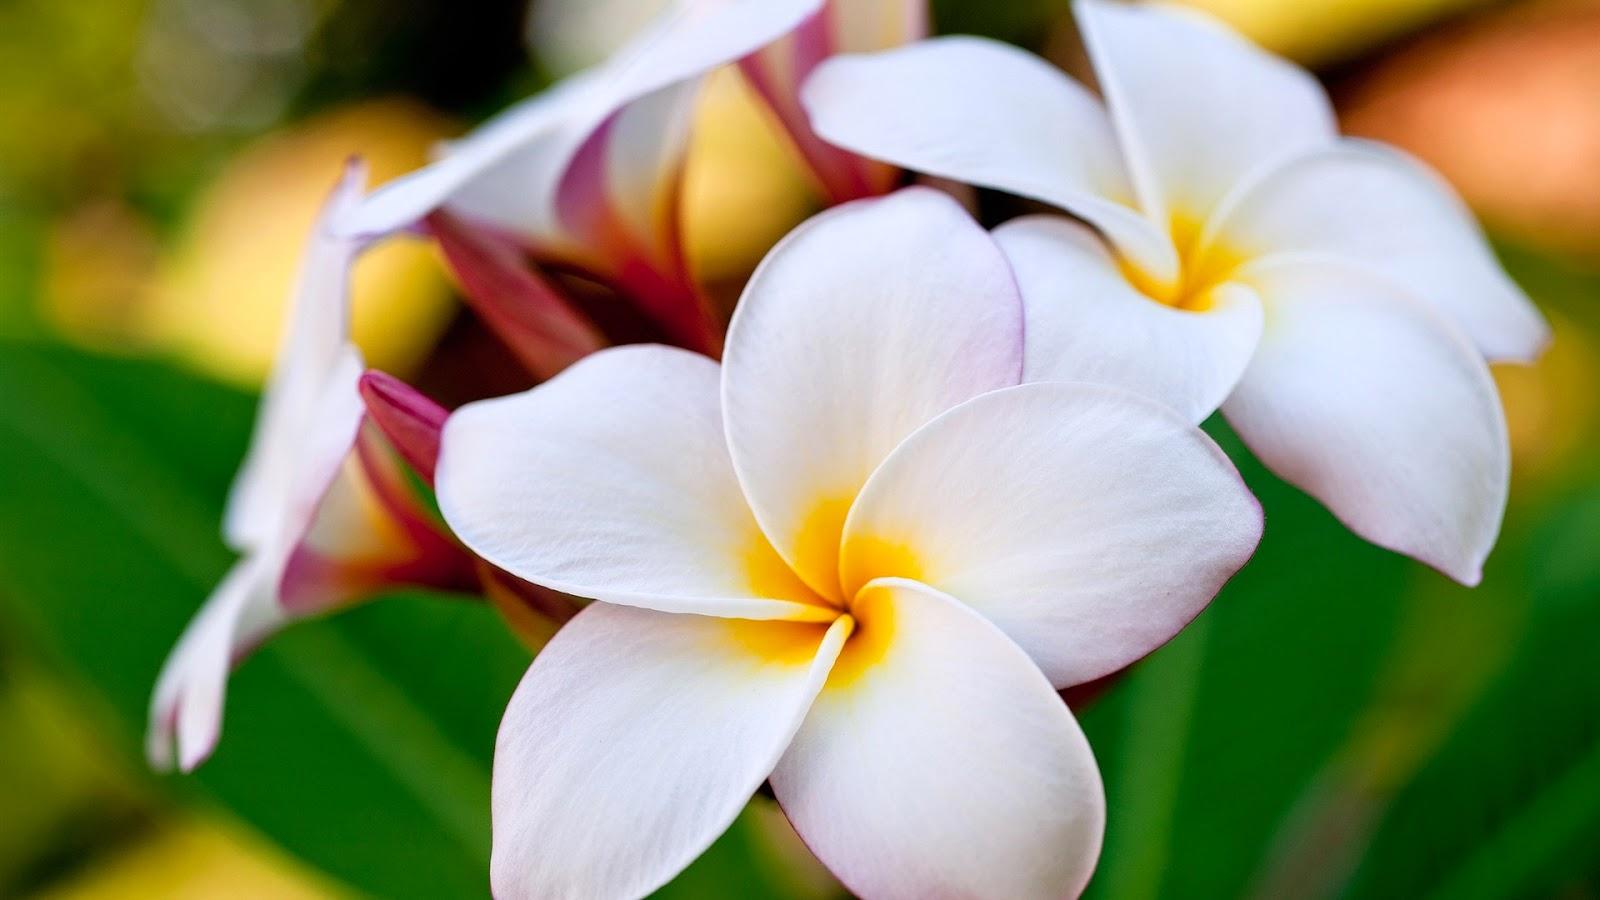 10 Delightful Flowers Wallpaper Desktop Background Full